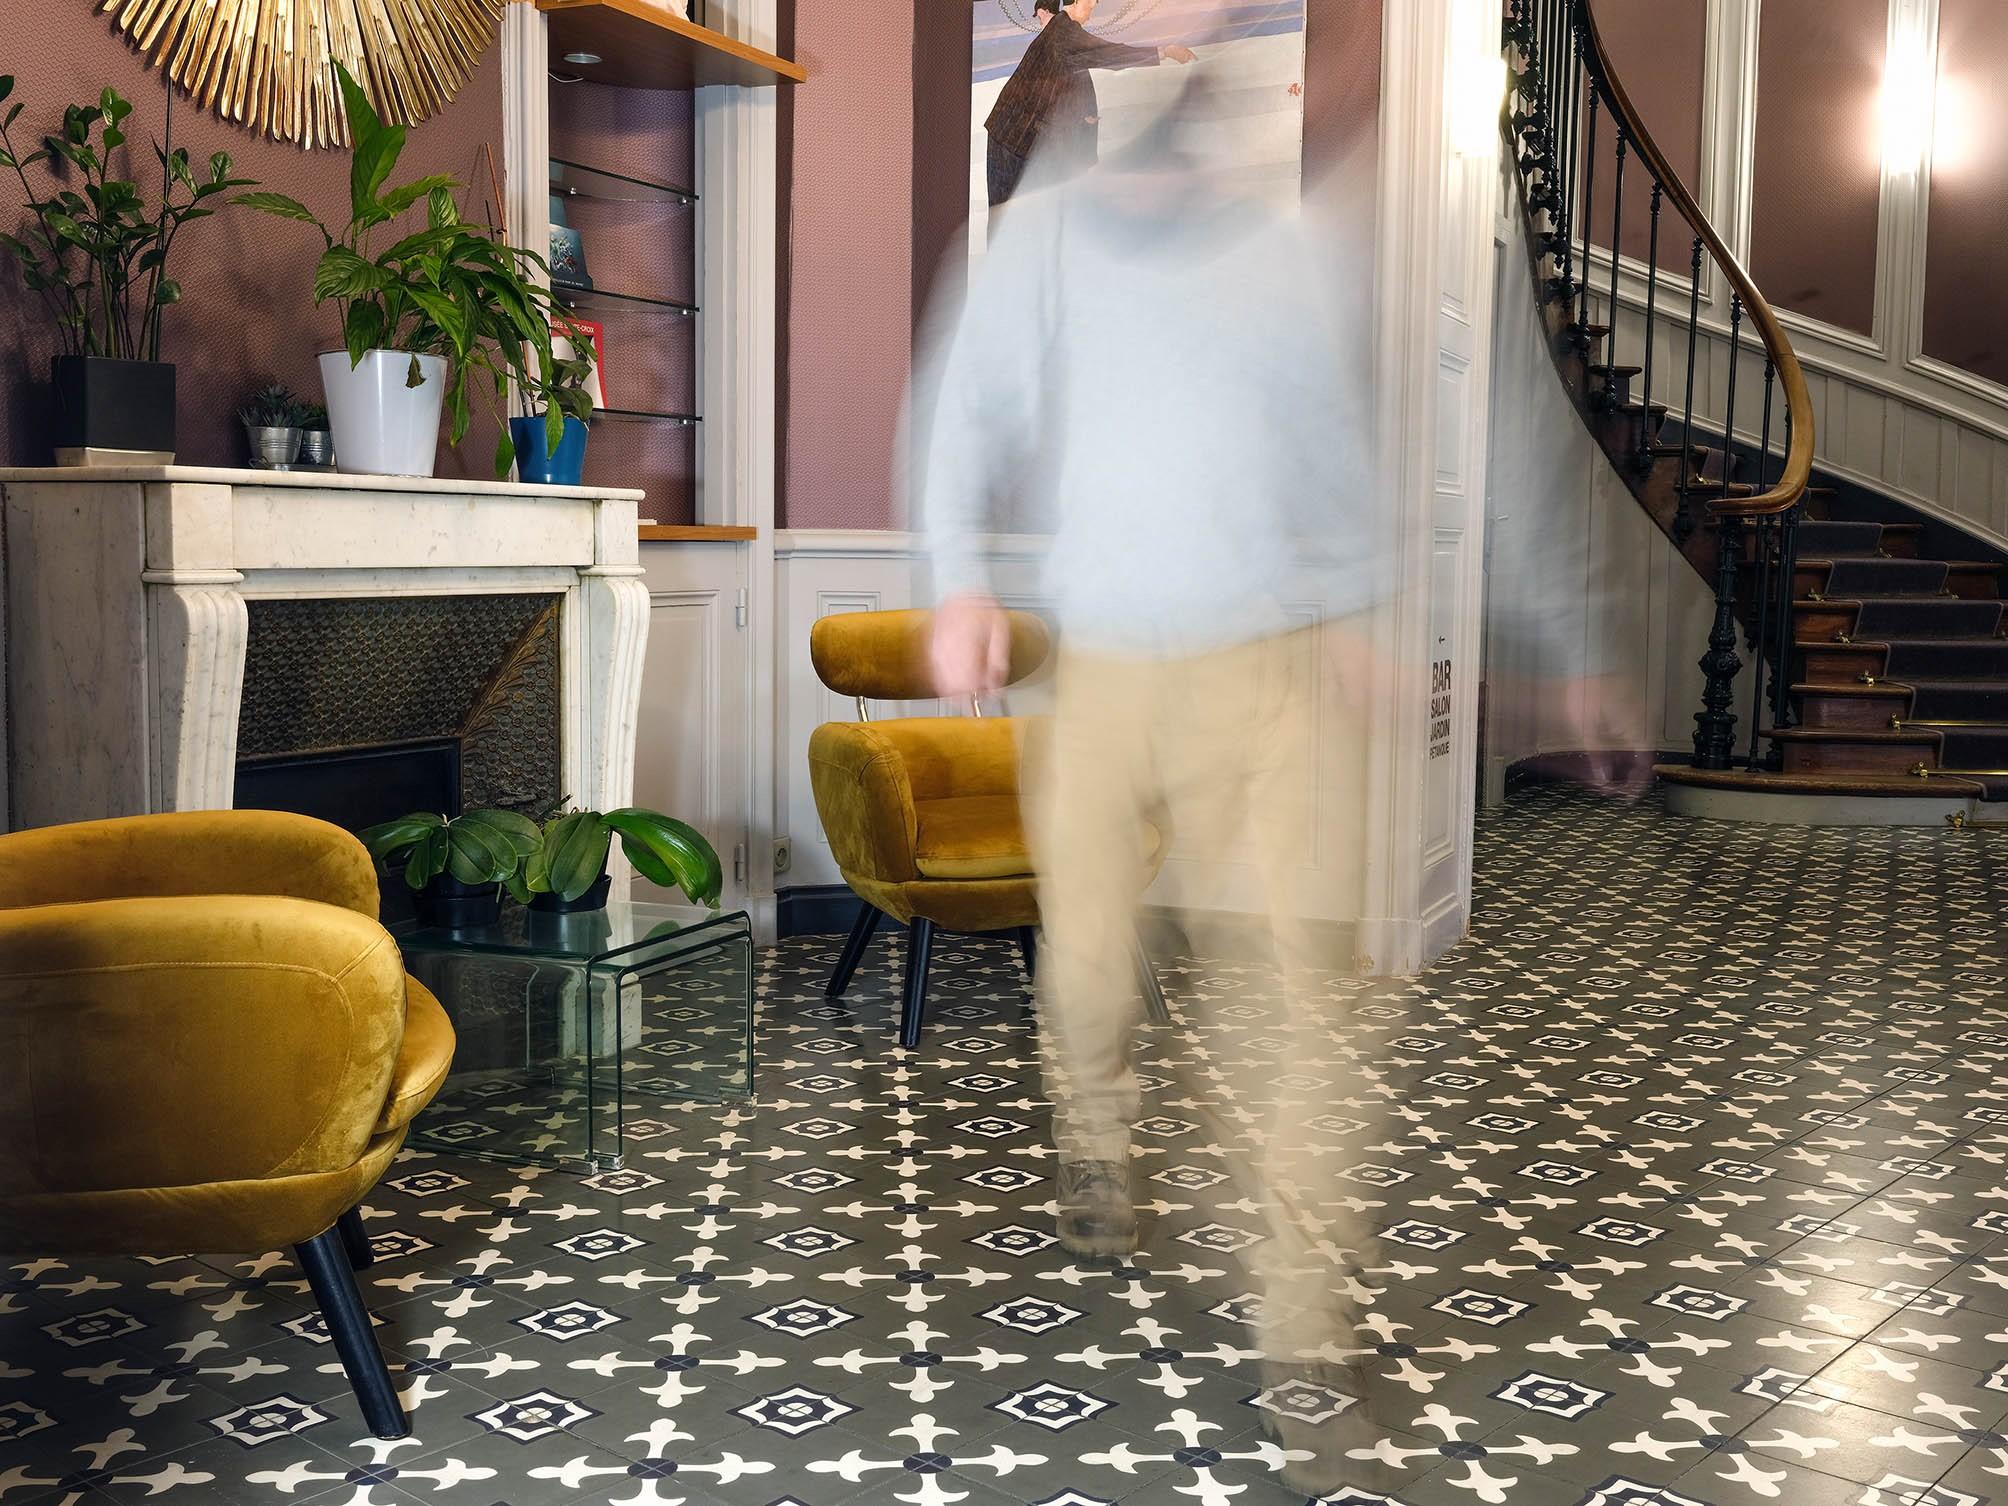 hall d'entrée avec confortable fauteuil jaune - Hôtel de l'Europe - Poitiers